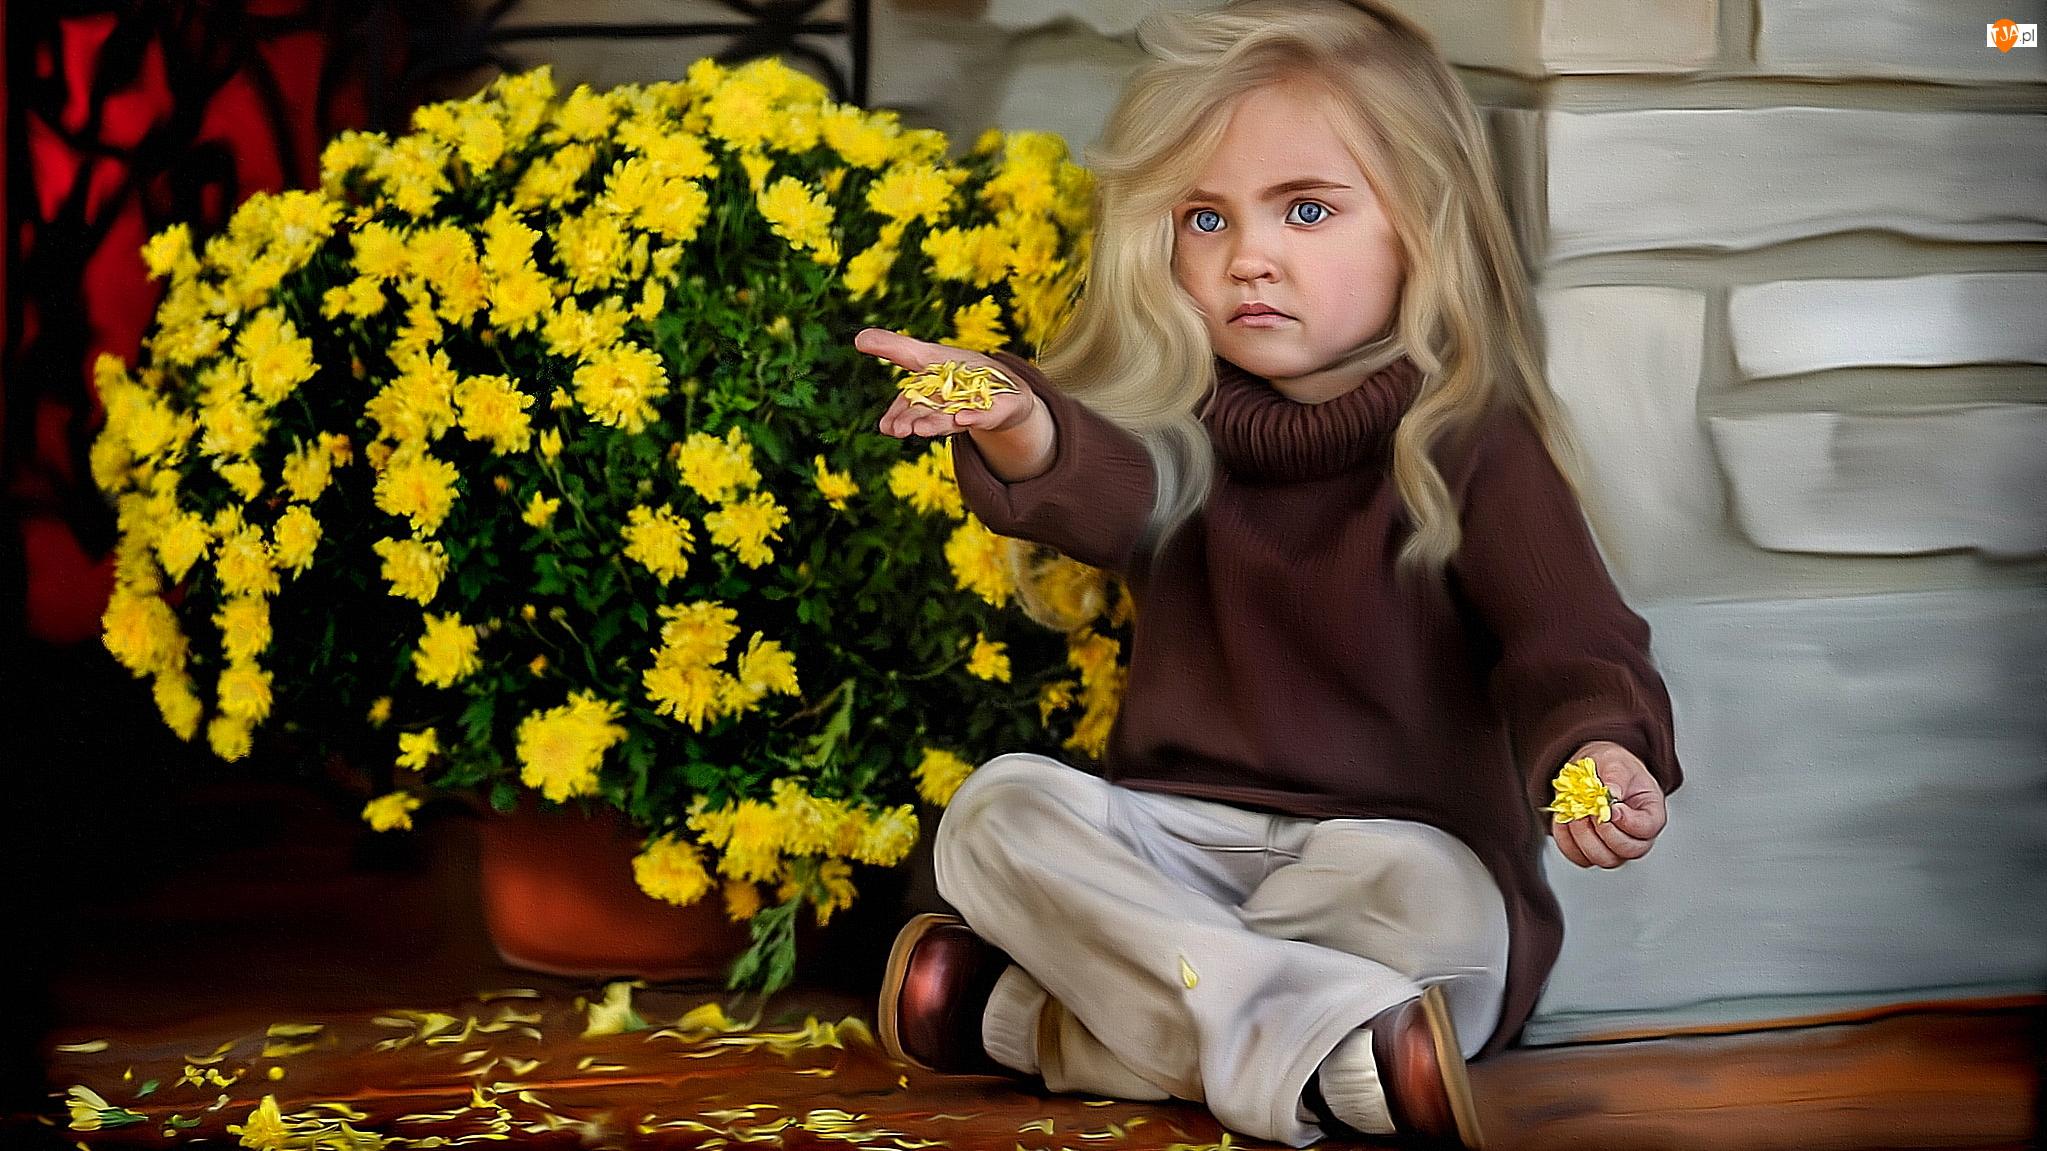 Żółte, Grafika, Ściana, Dziewczynka, Chryzantemy